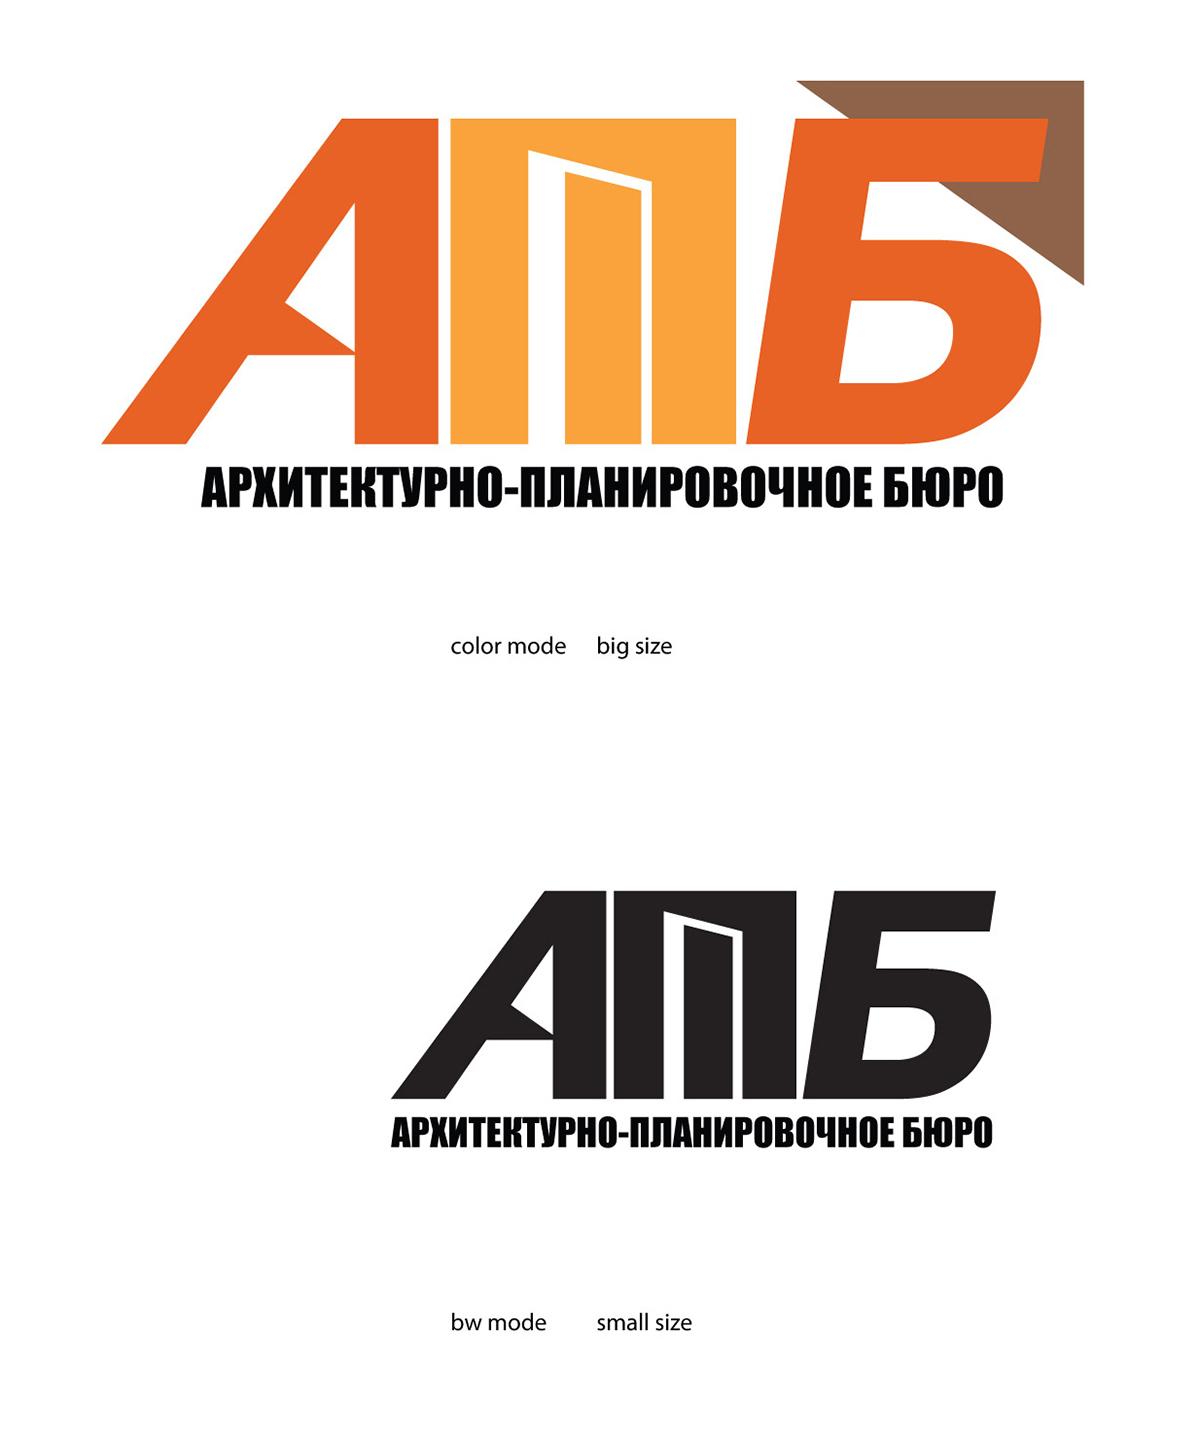 ижевск izhevsk krasowski architect brand logo